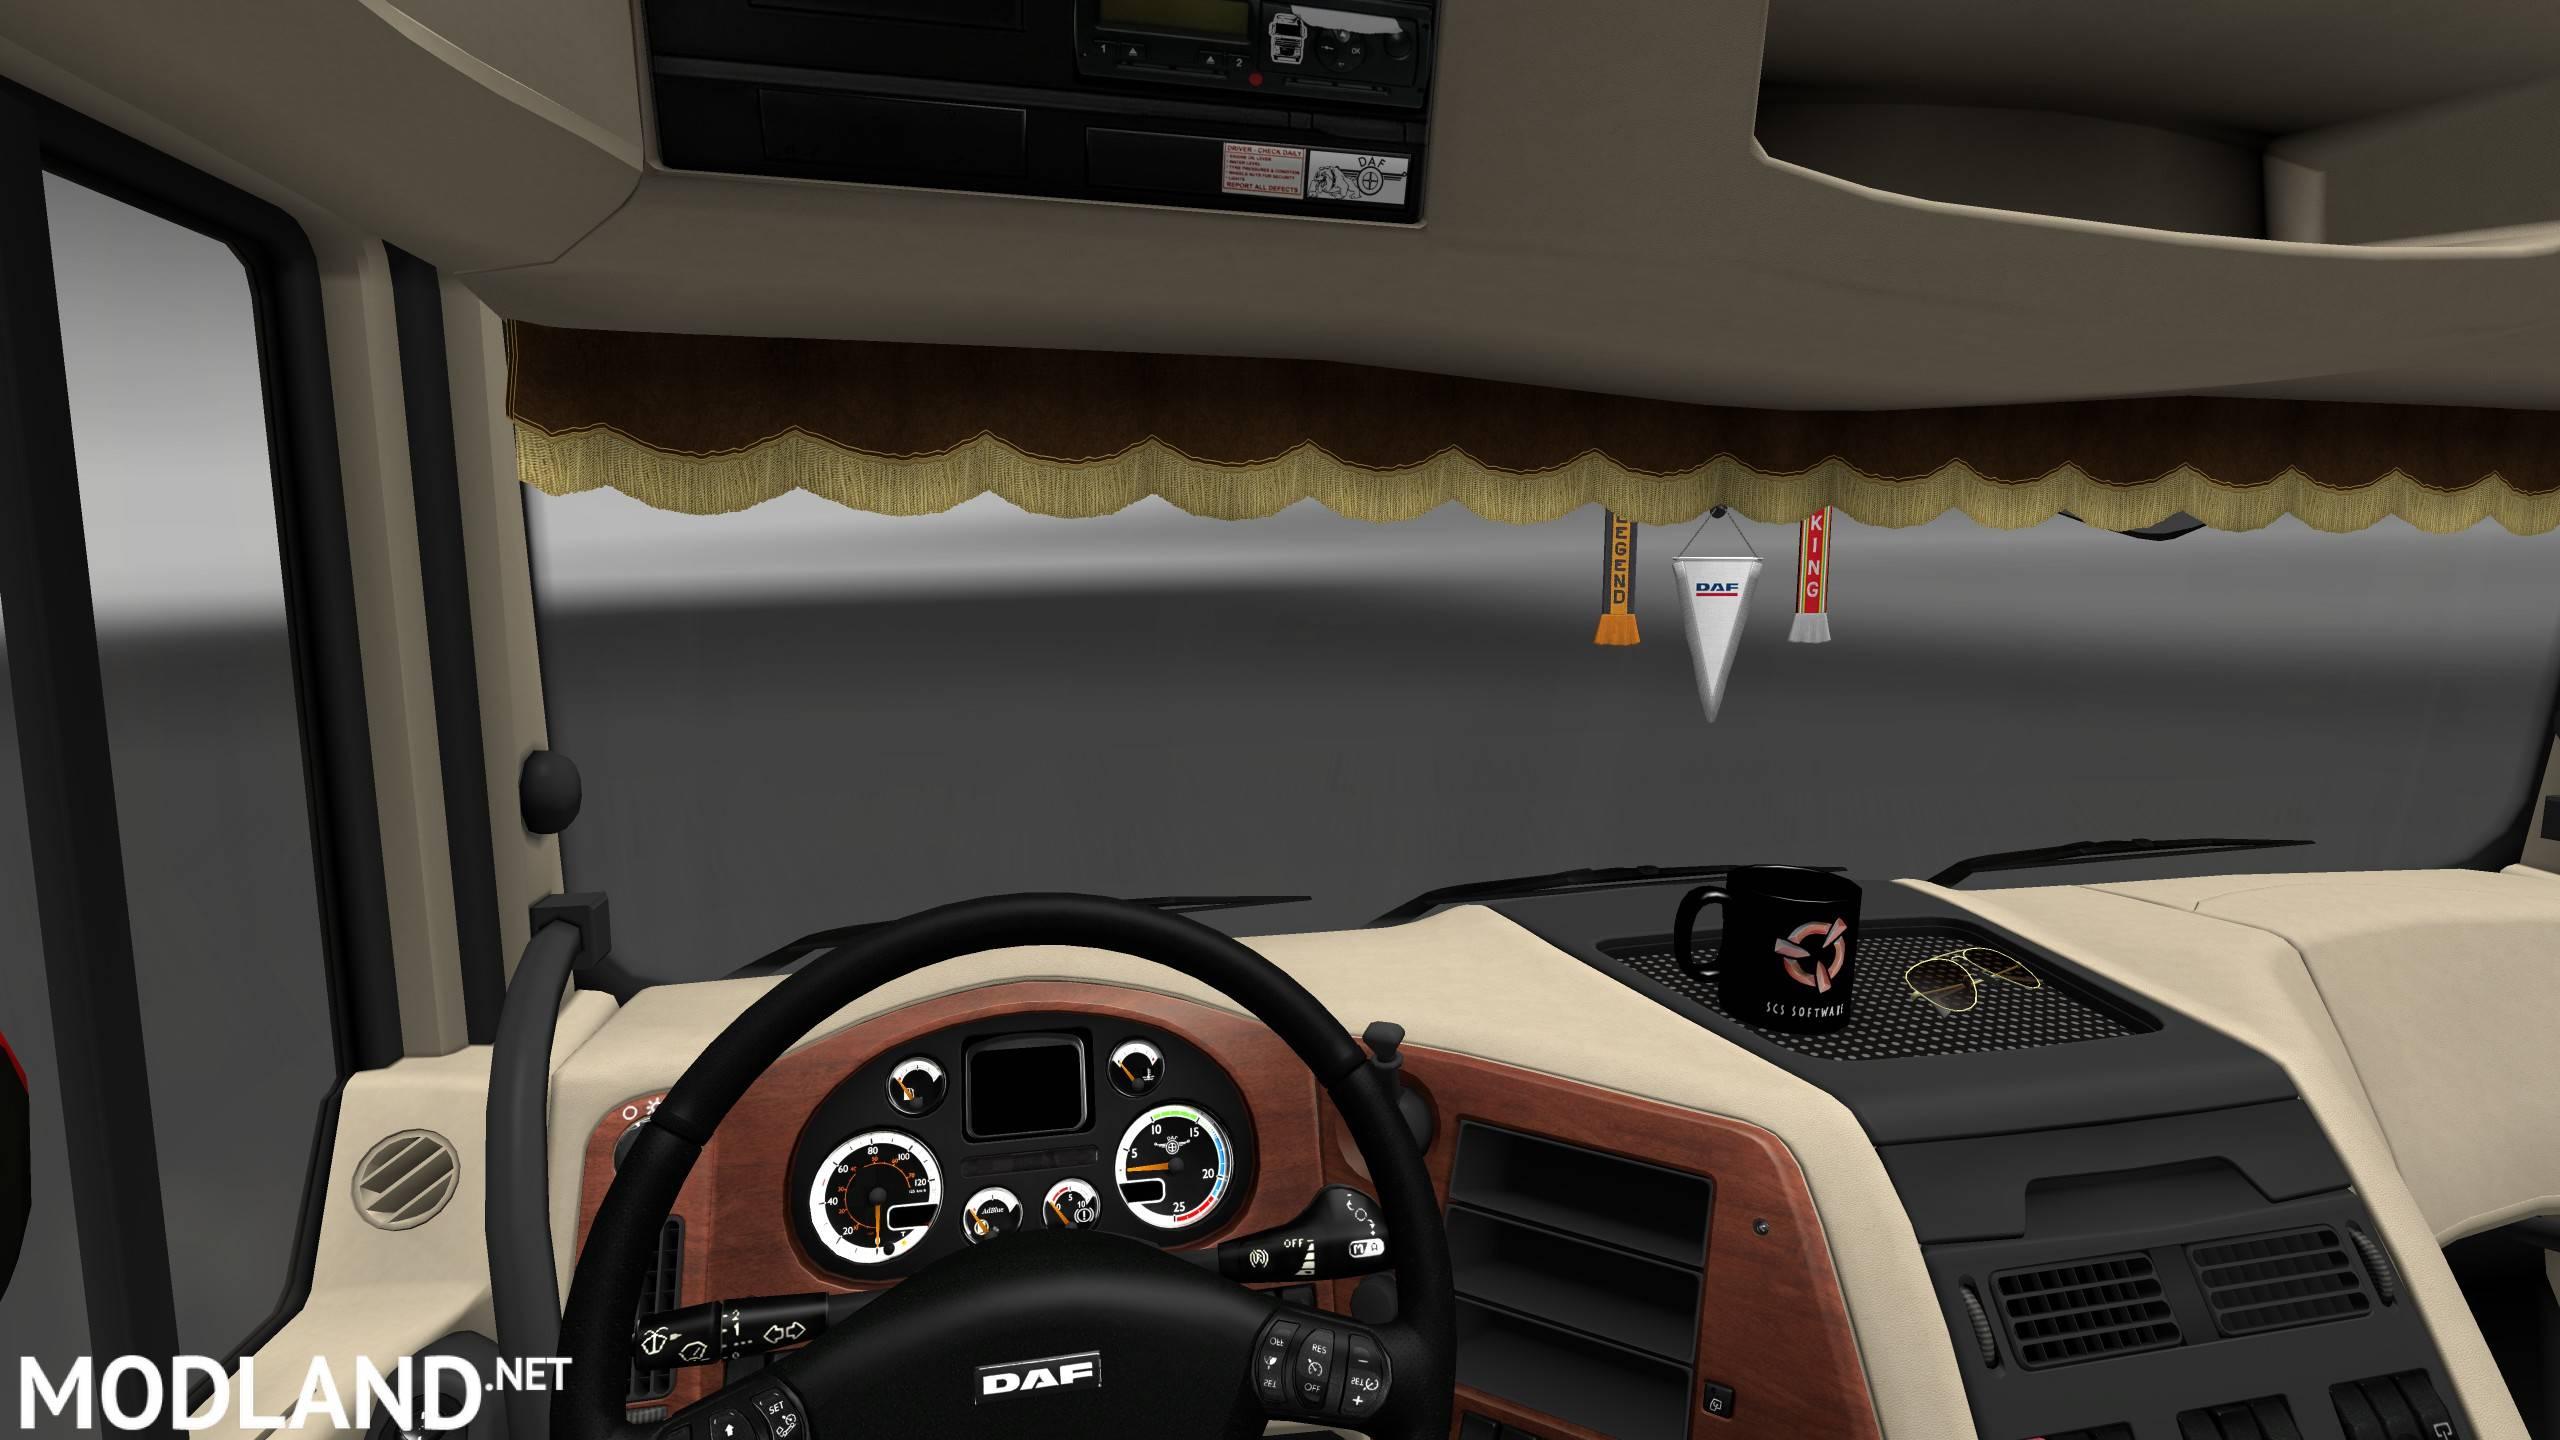 DAF XF 105 Interior/Exterior Rework mod for ETS 2